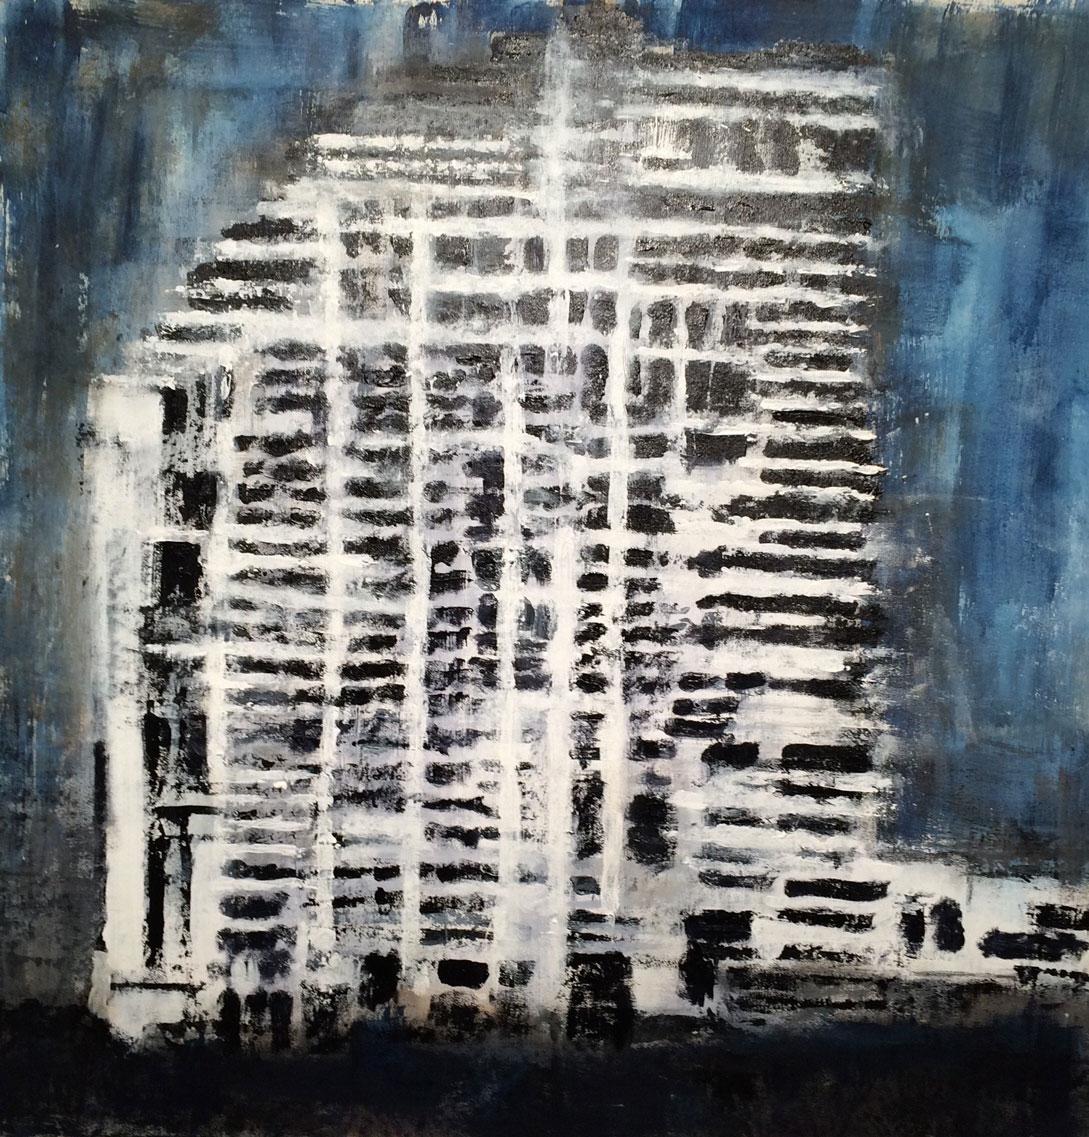 N°1933 - Tour - Acrylique sur toile - 95 x 95 cm - 31 juillet 2015